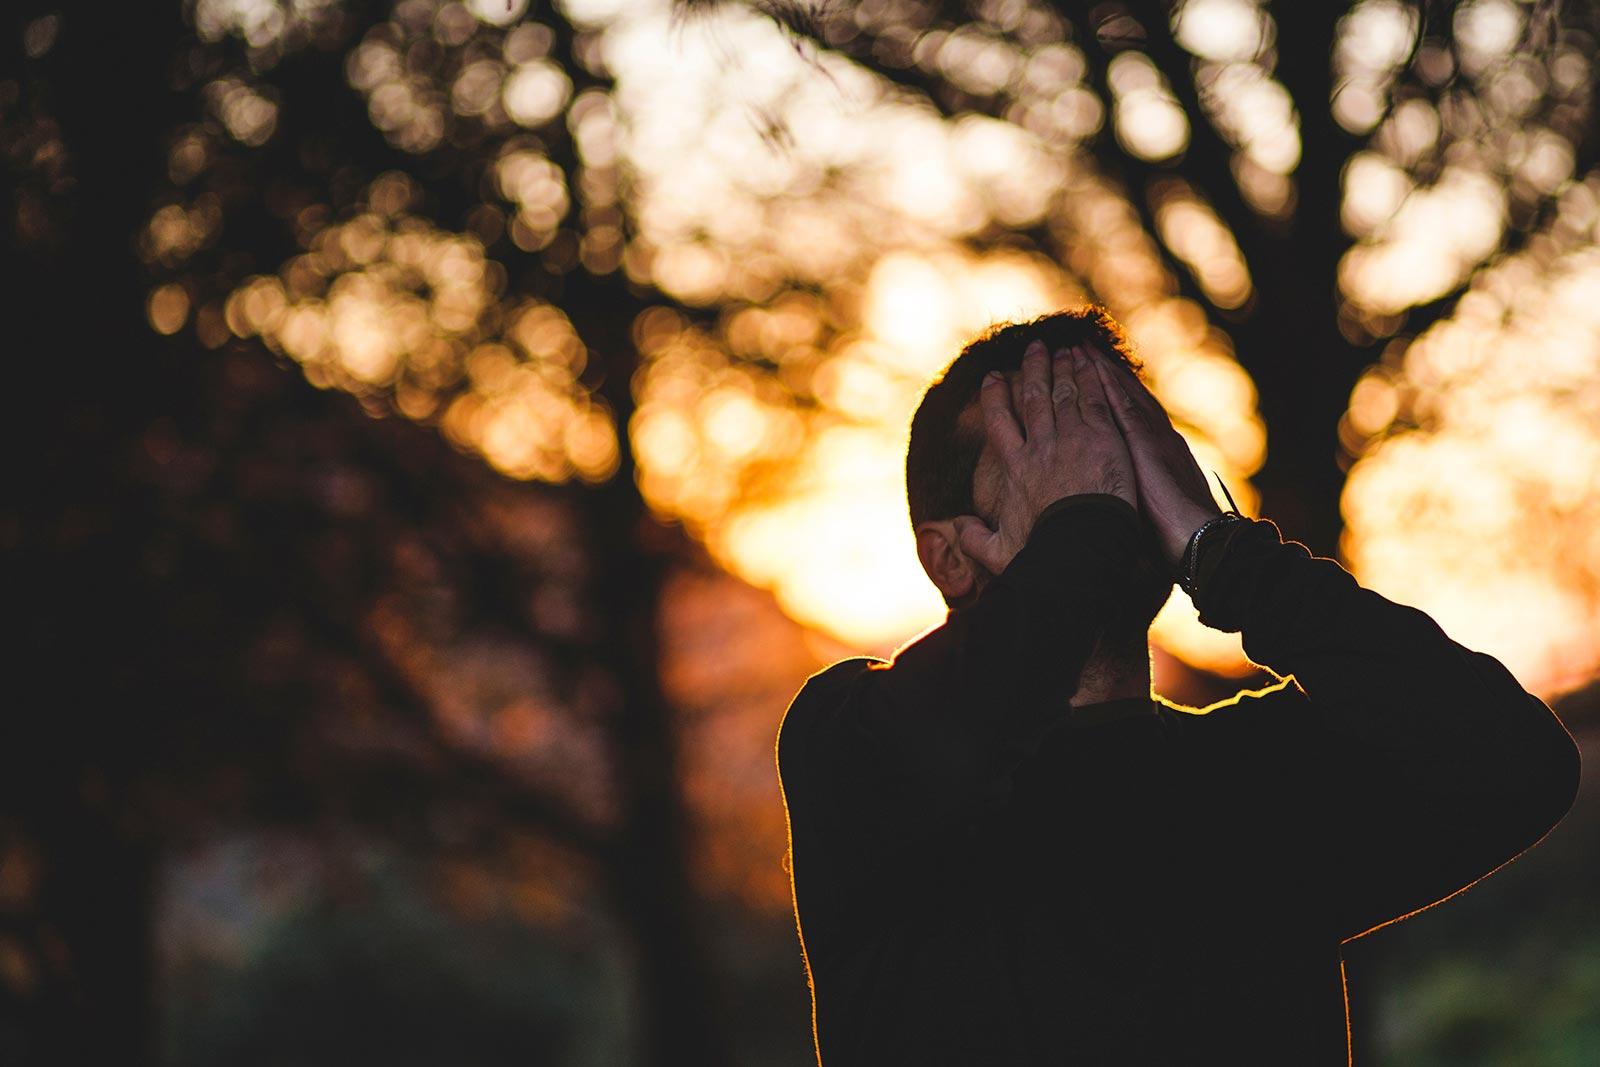 O valor das emoções negativas